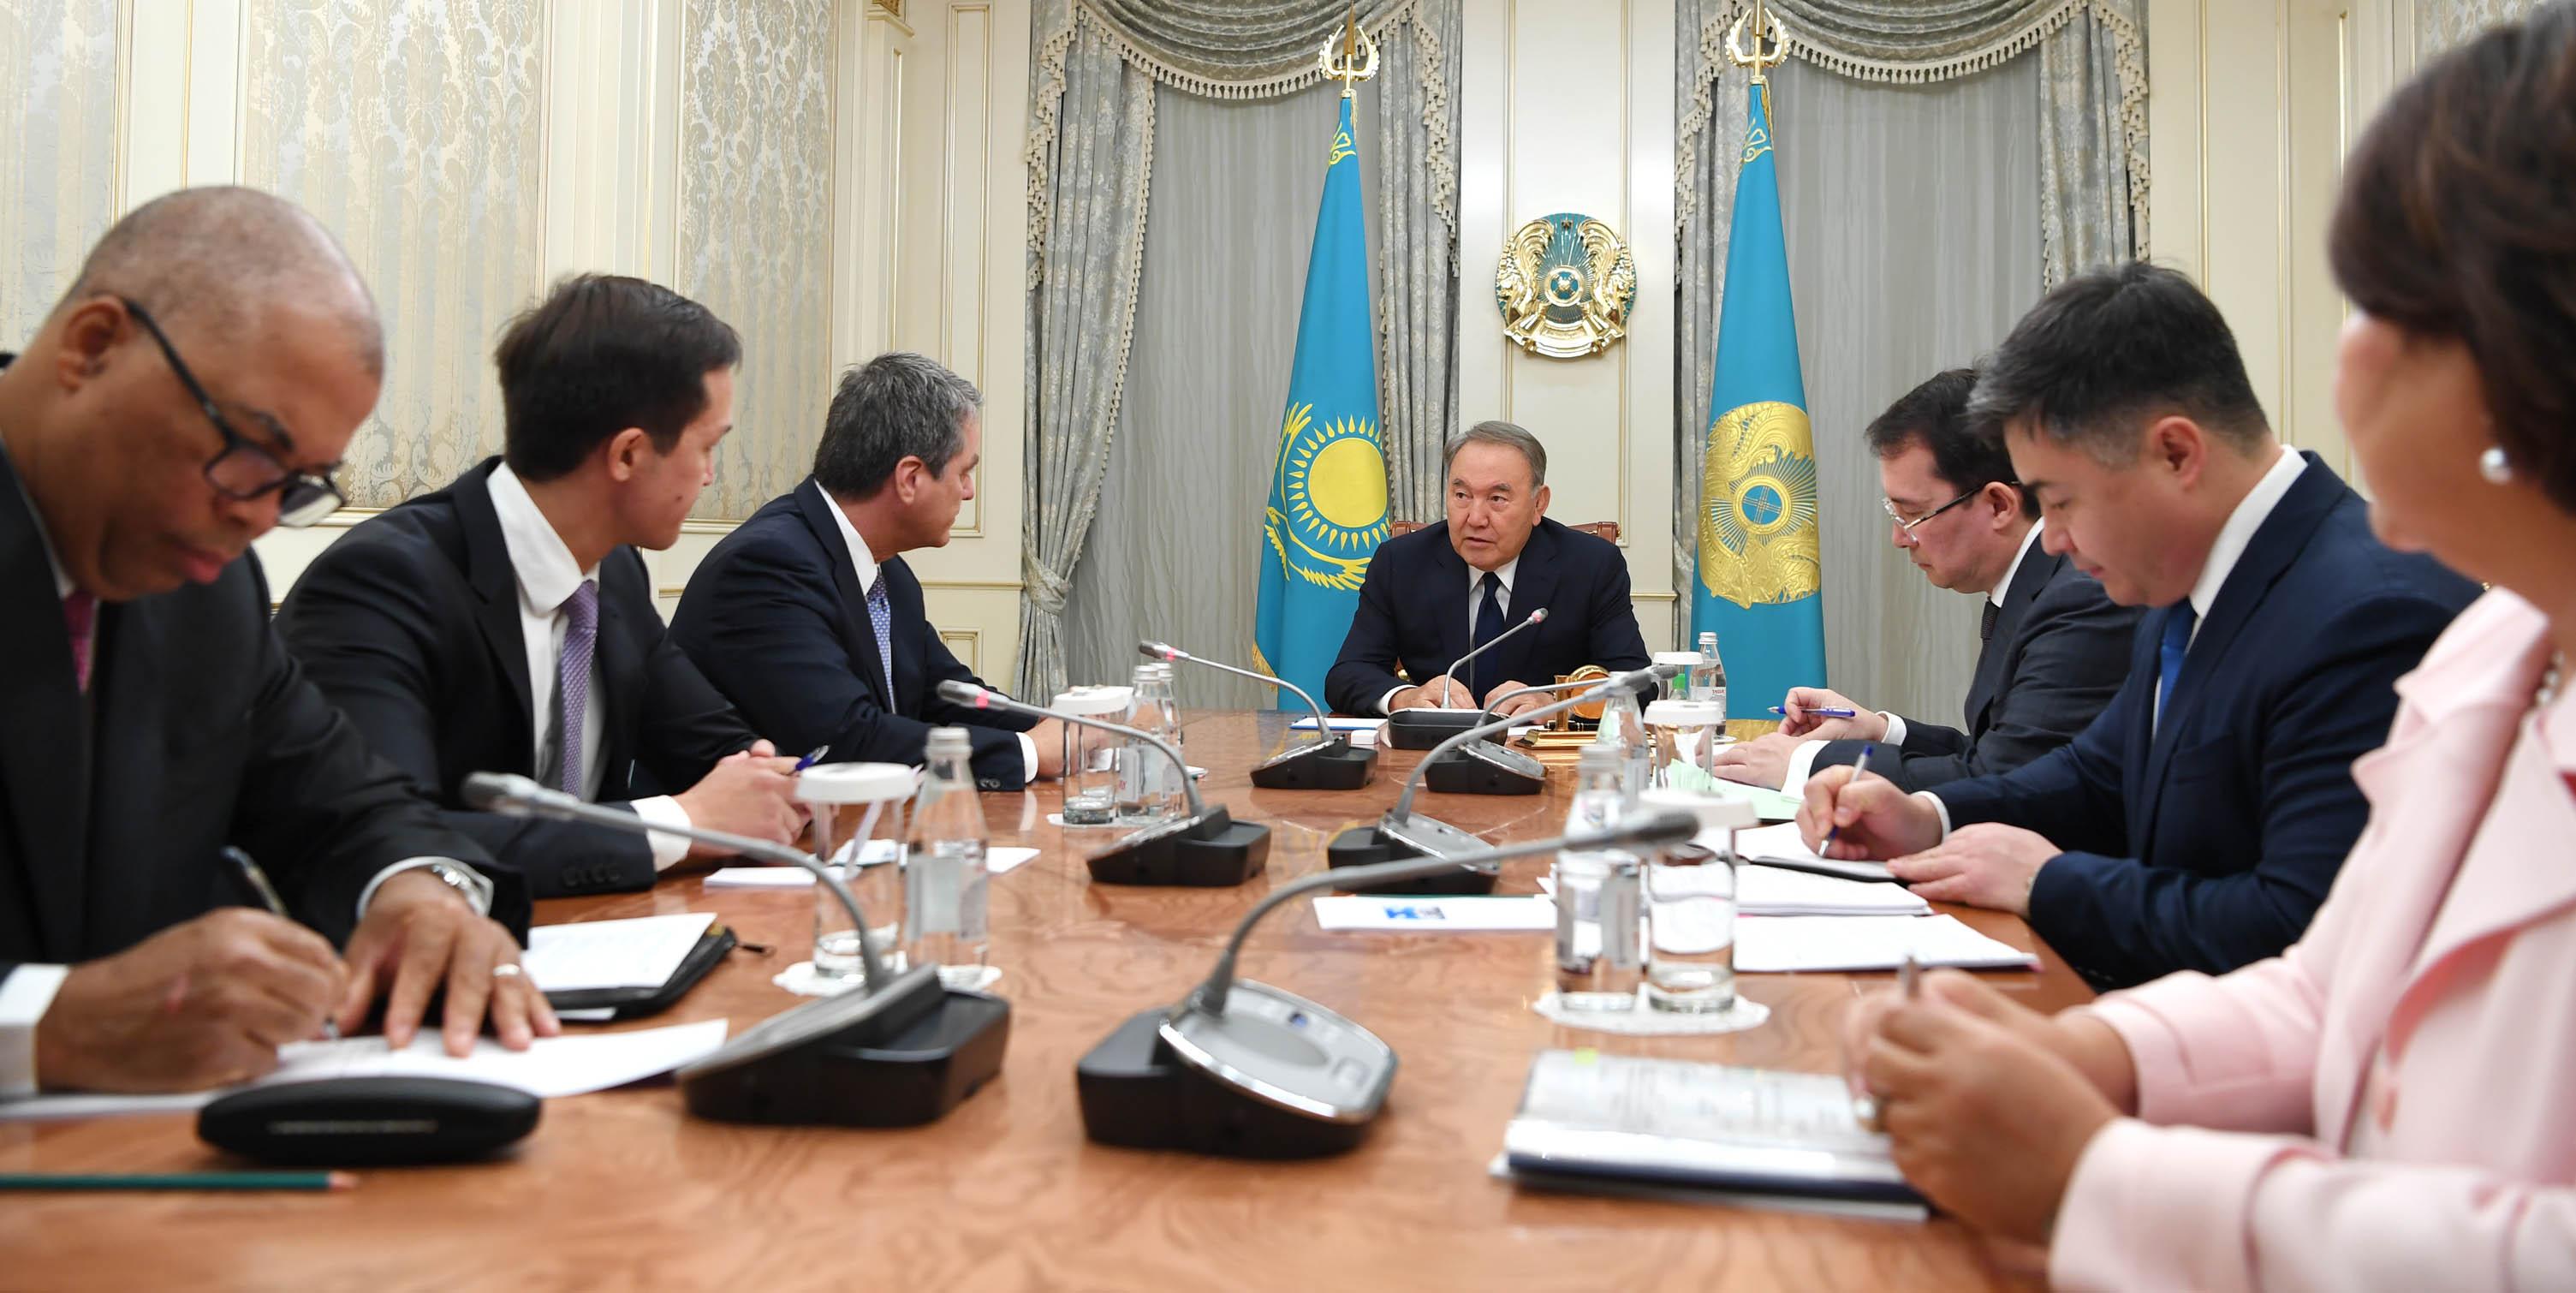 Президент РК обсудил с главой ВТО подготовку к проведению министерской конференции в Астане  , Президент РК, Глава ВТО, Астана